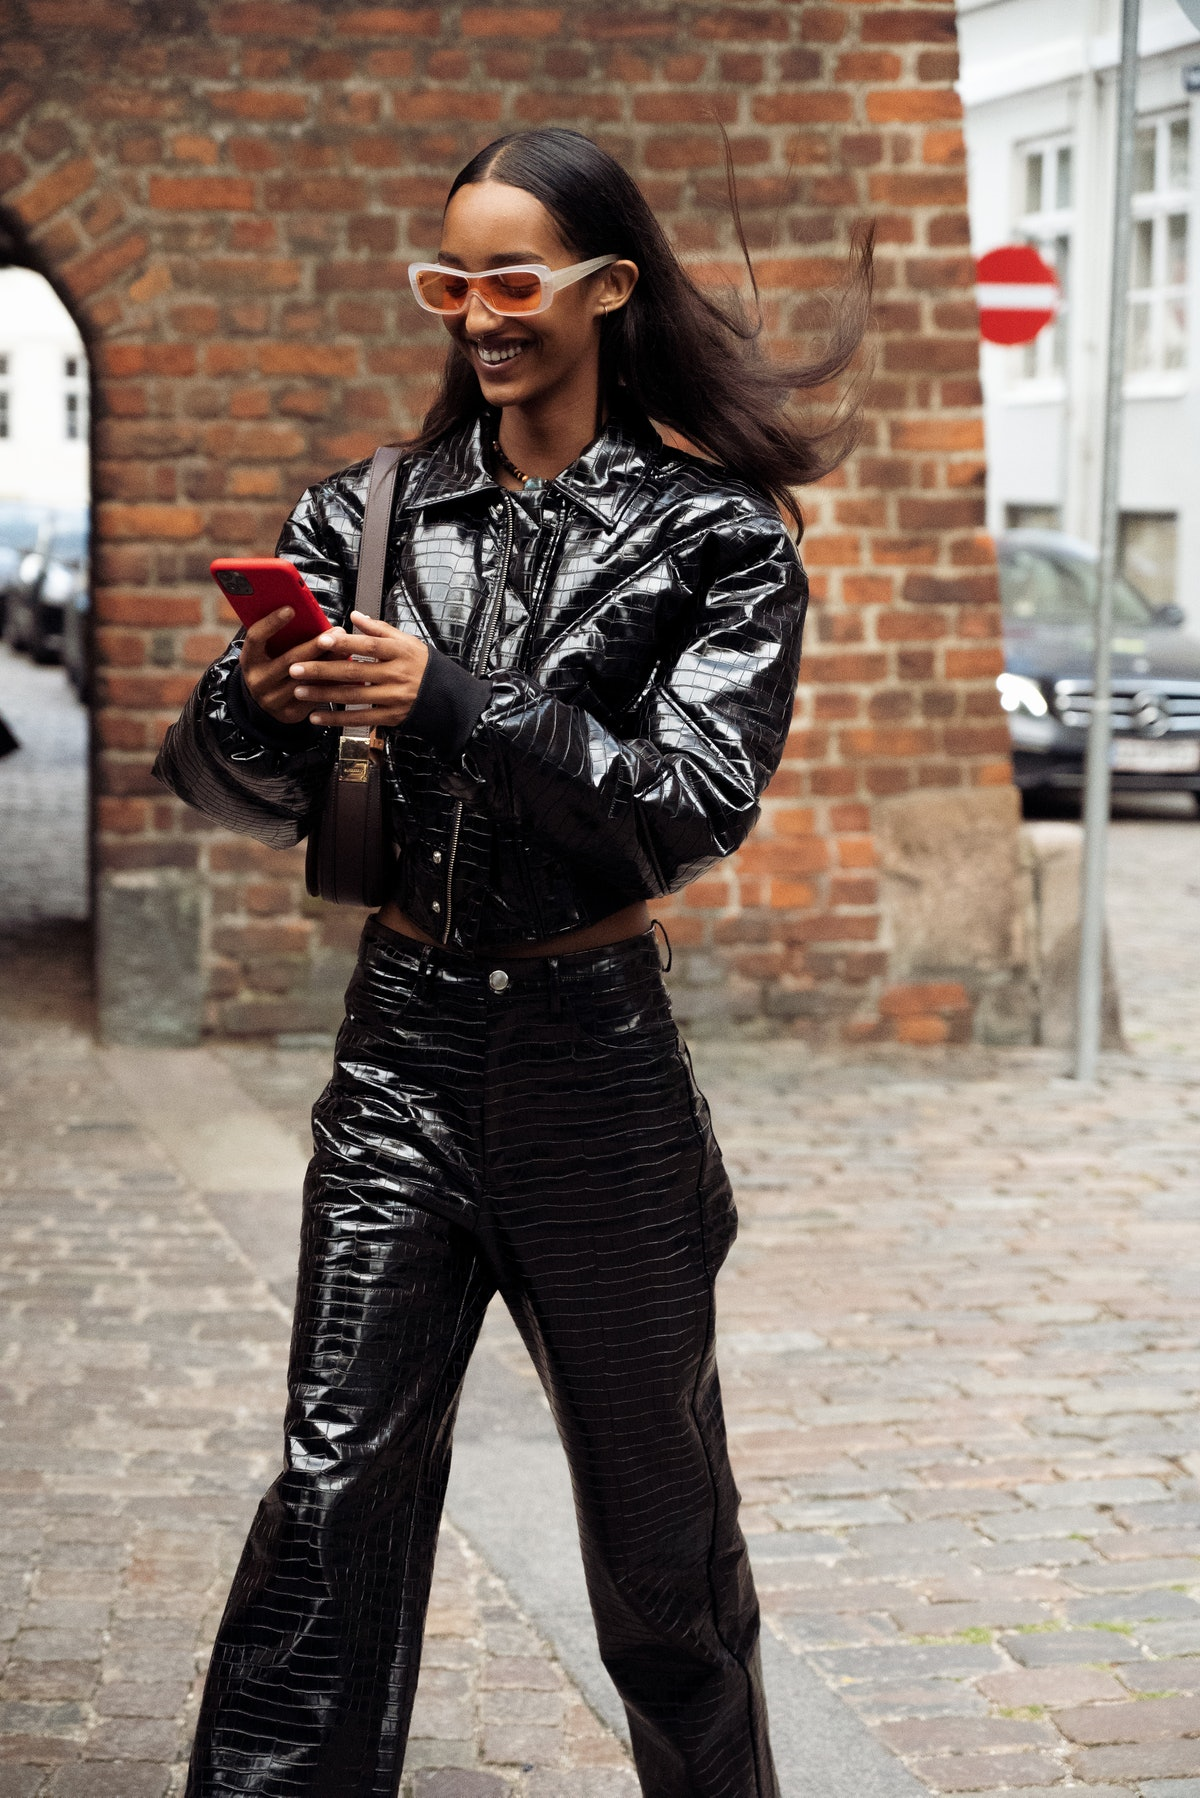 COPENHAGEN, DENMARK - AUGUST 10: Model wearing black leather costume outside Remain during Copenhage...